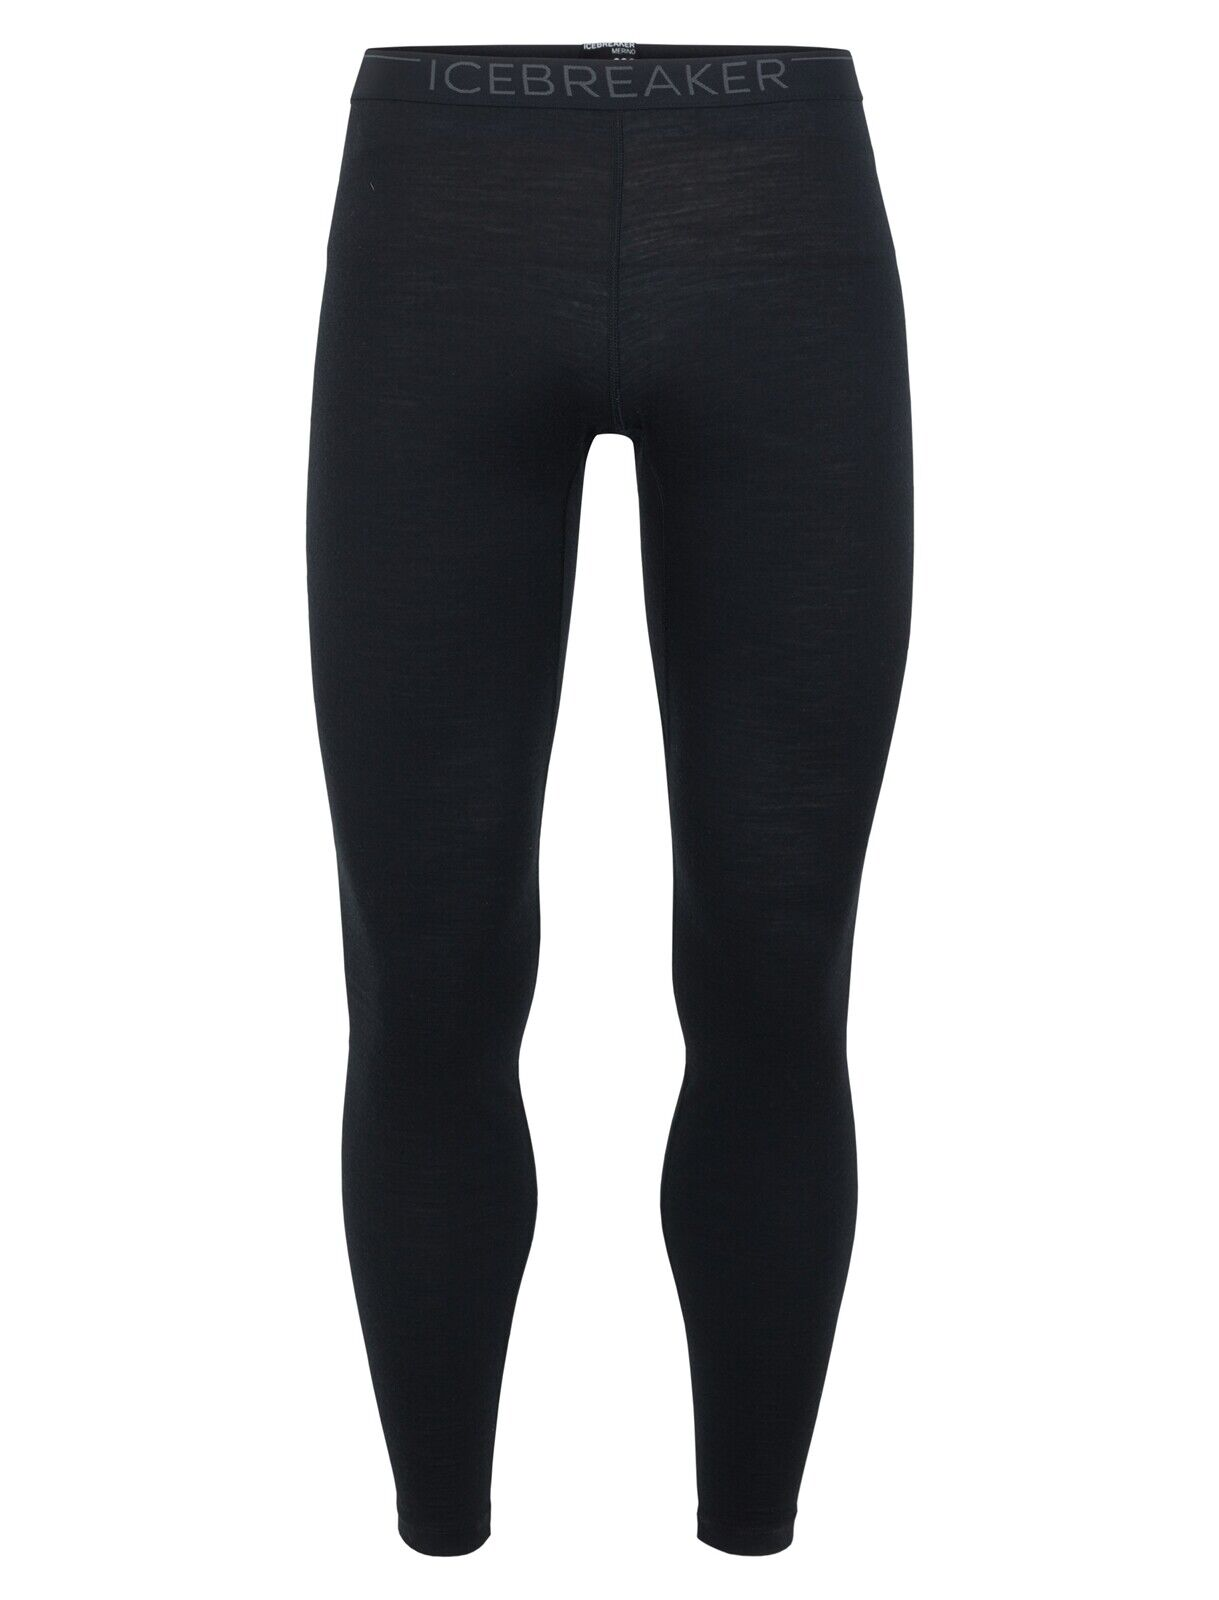 Icebreaker oasis leggings Men función pantalones calzoncillos caballero negro